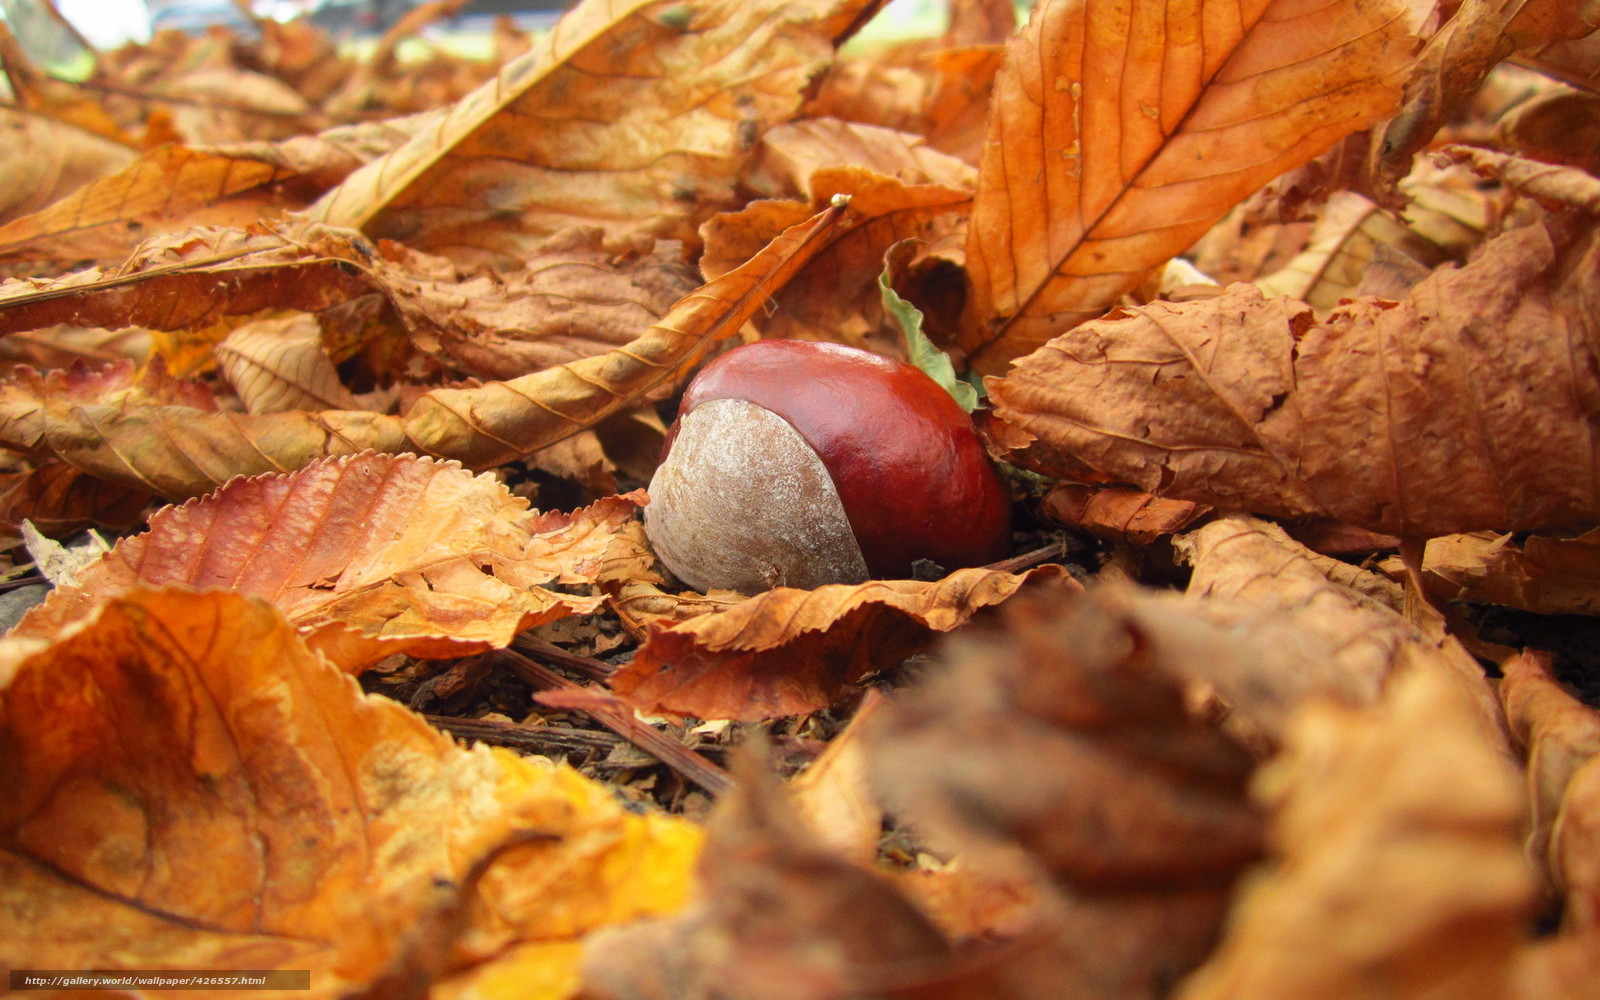 Scaricare gli sfondi castagno natura fogliame autunno for Sfondi autunno hd